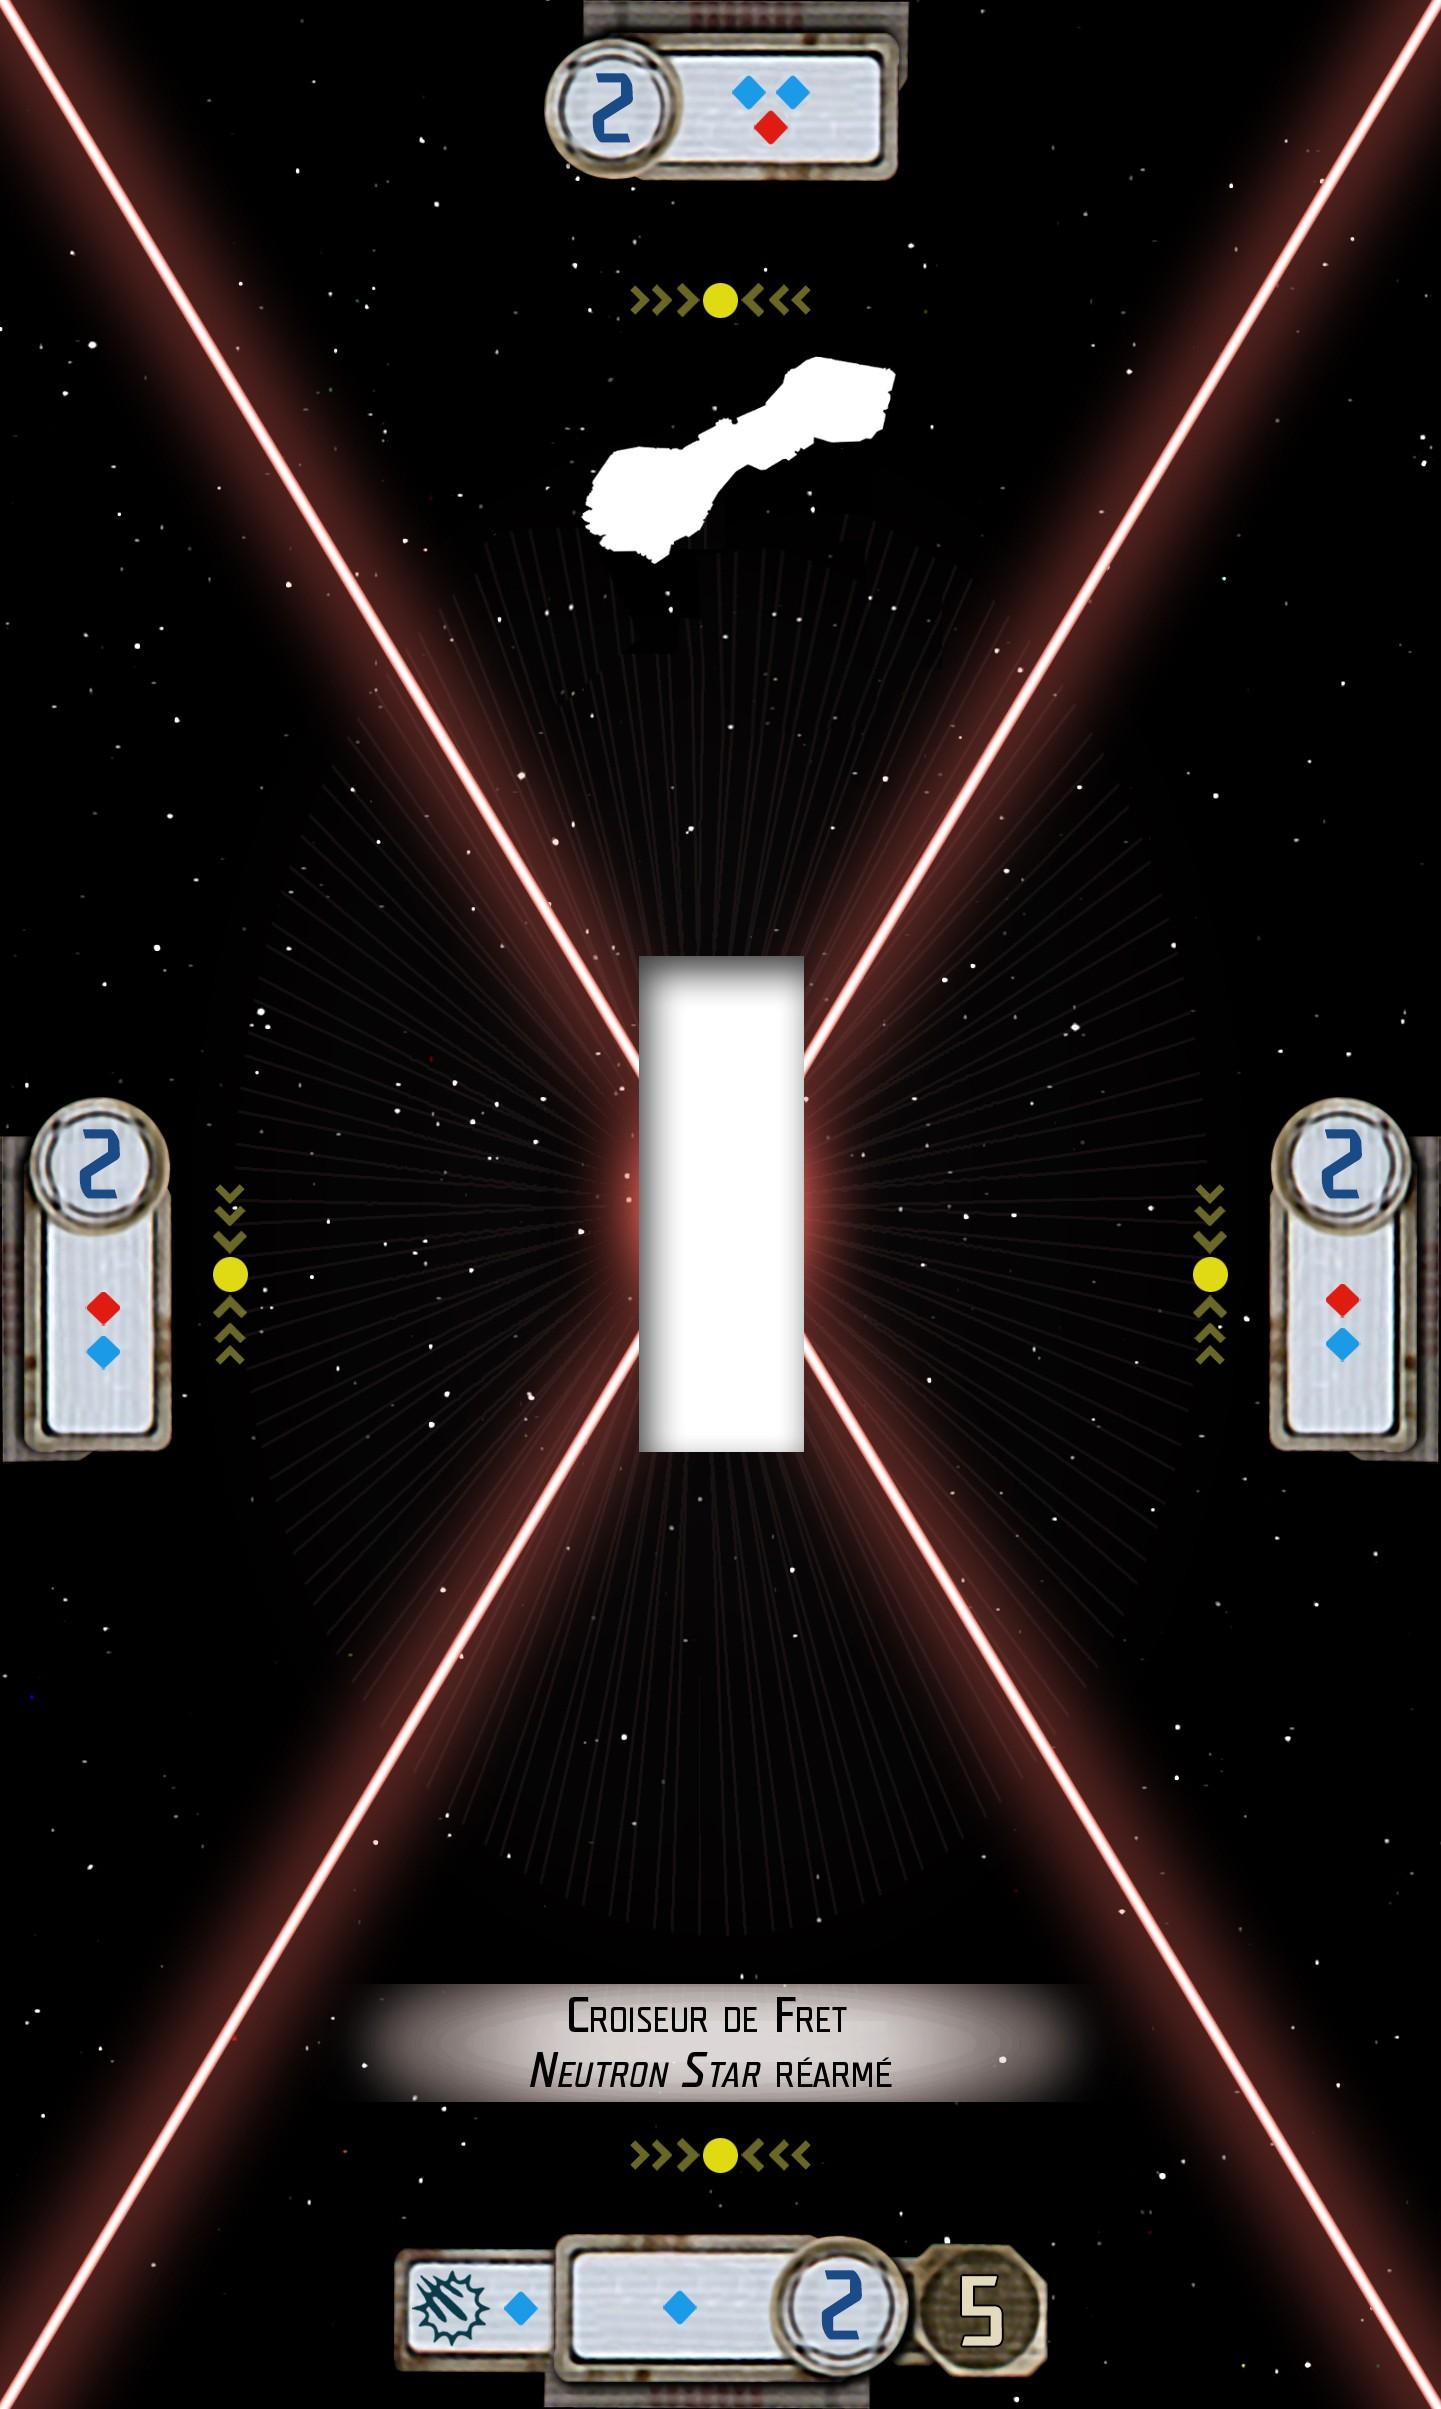 Croiseur de fret Neutron réarmé Base